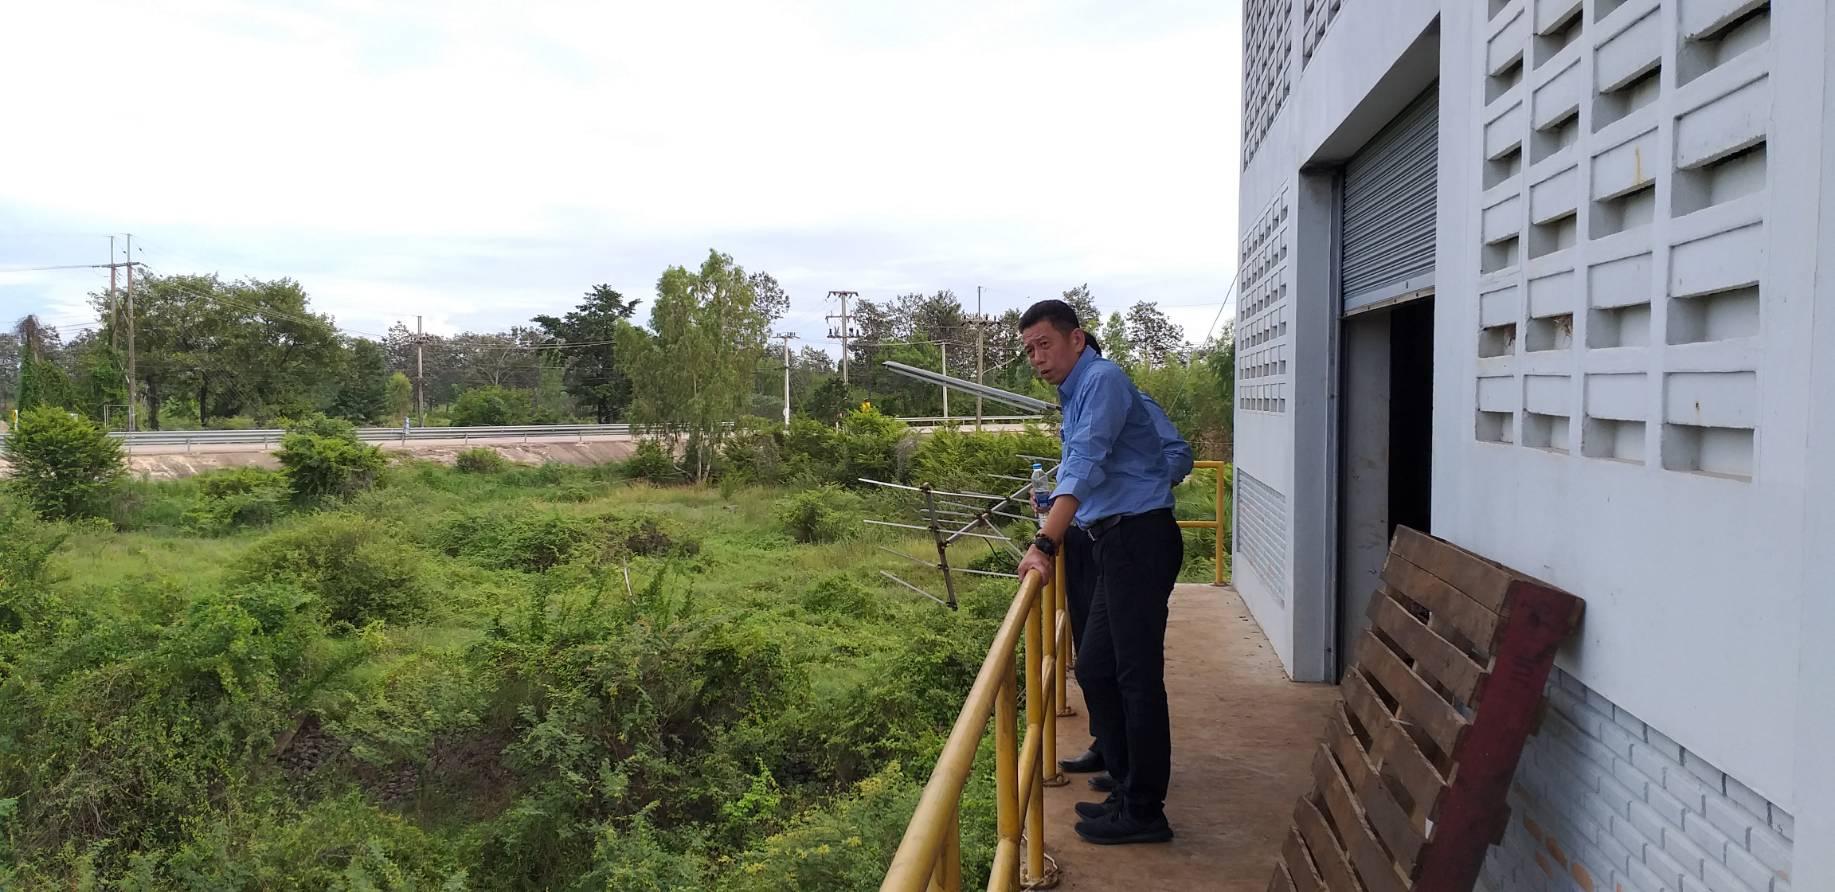 ไฟล์แนบ รปก.๓ ลงพื้นที่ กปภ.สาขาศรีสะเกษ ติดตามสถานการณ์ภัยแล้ง เพื่อให้แนวทางป้องกันและแก้ไข